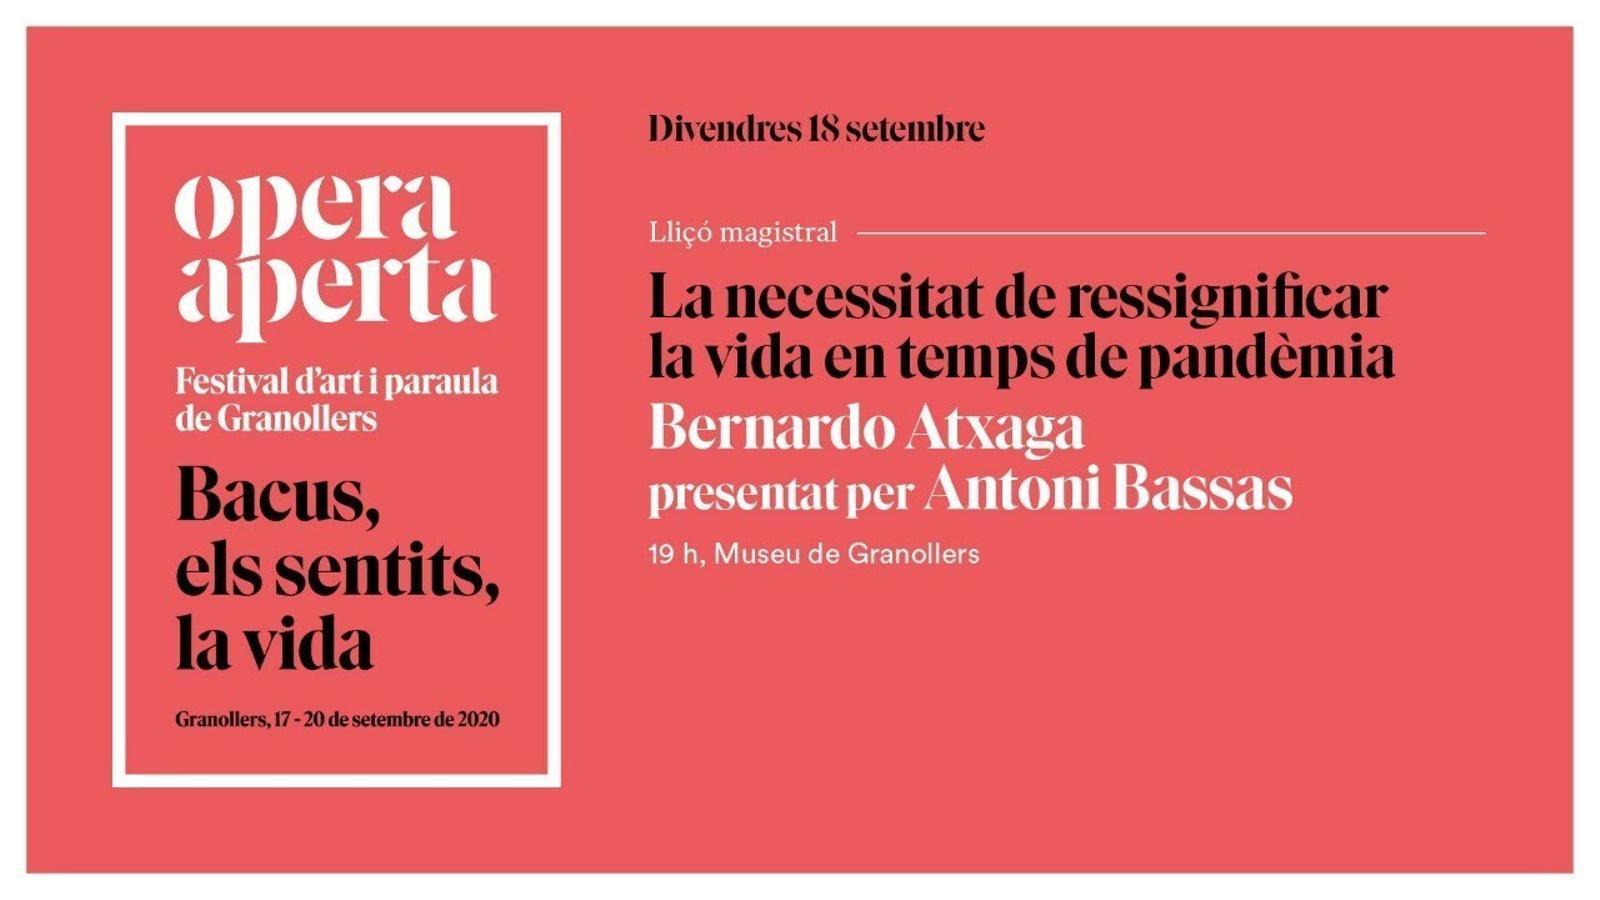 Conversa entre Antoni Bassas i Bernardo Atxaga a Granollers